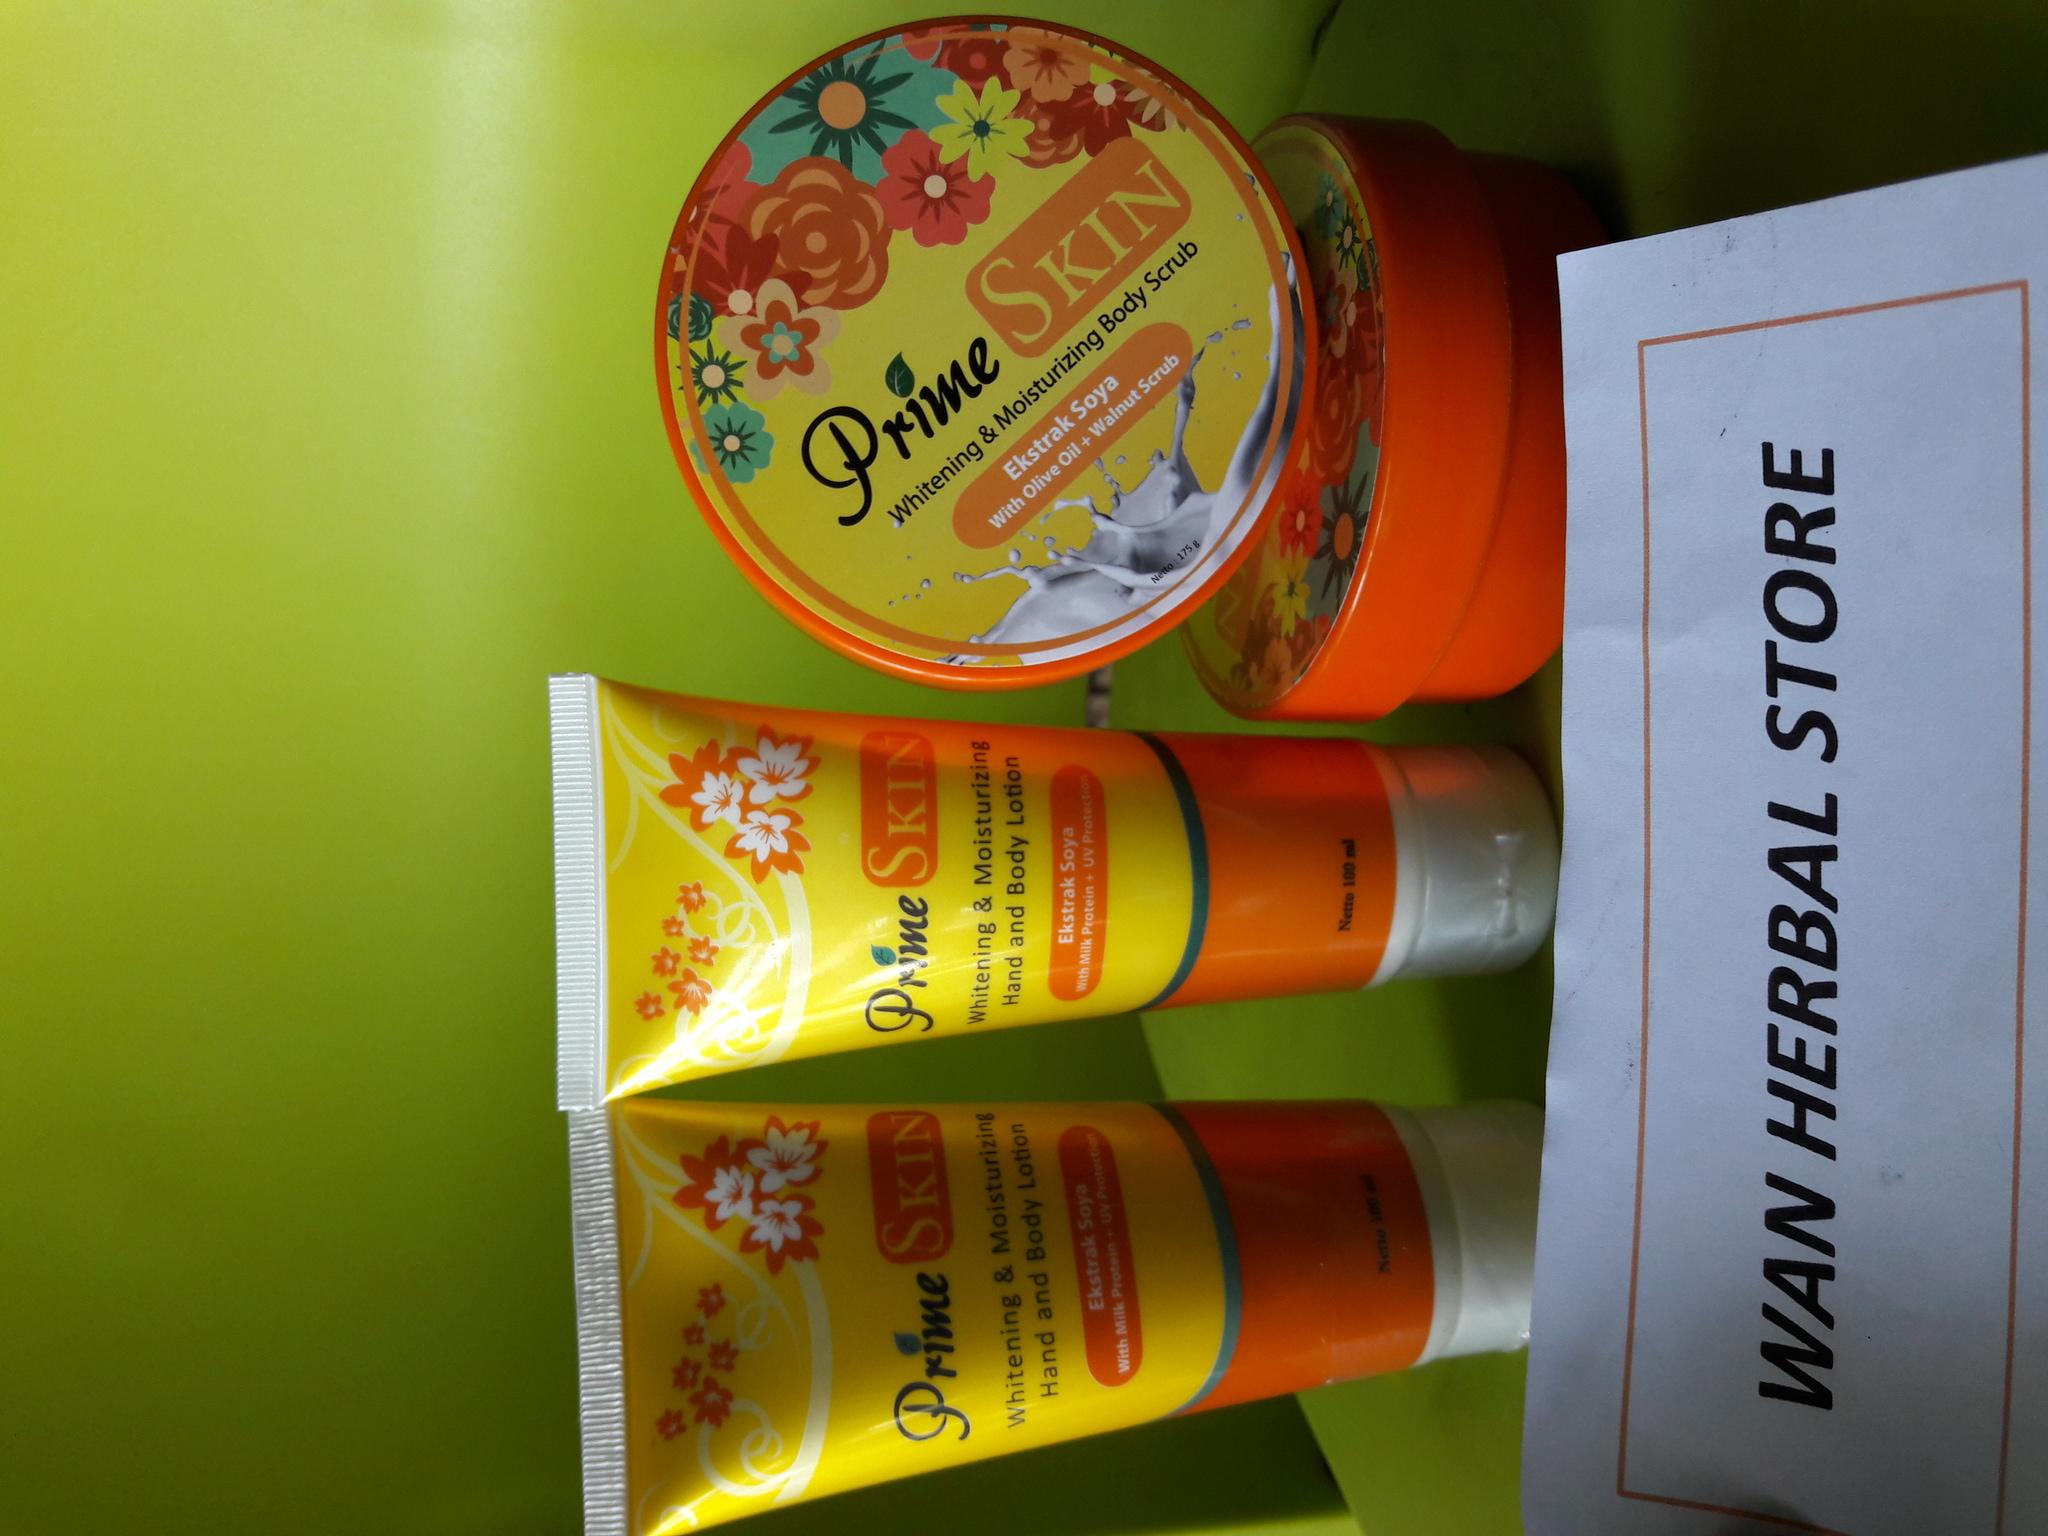 Jual 1 Paket Pemutih Kulit Prime Skin Lotion Scrub Hand And Agaricpromurah Tokopedia